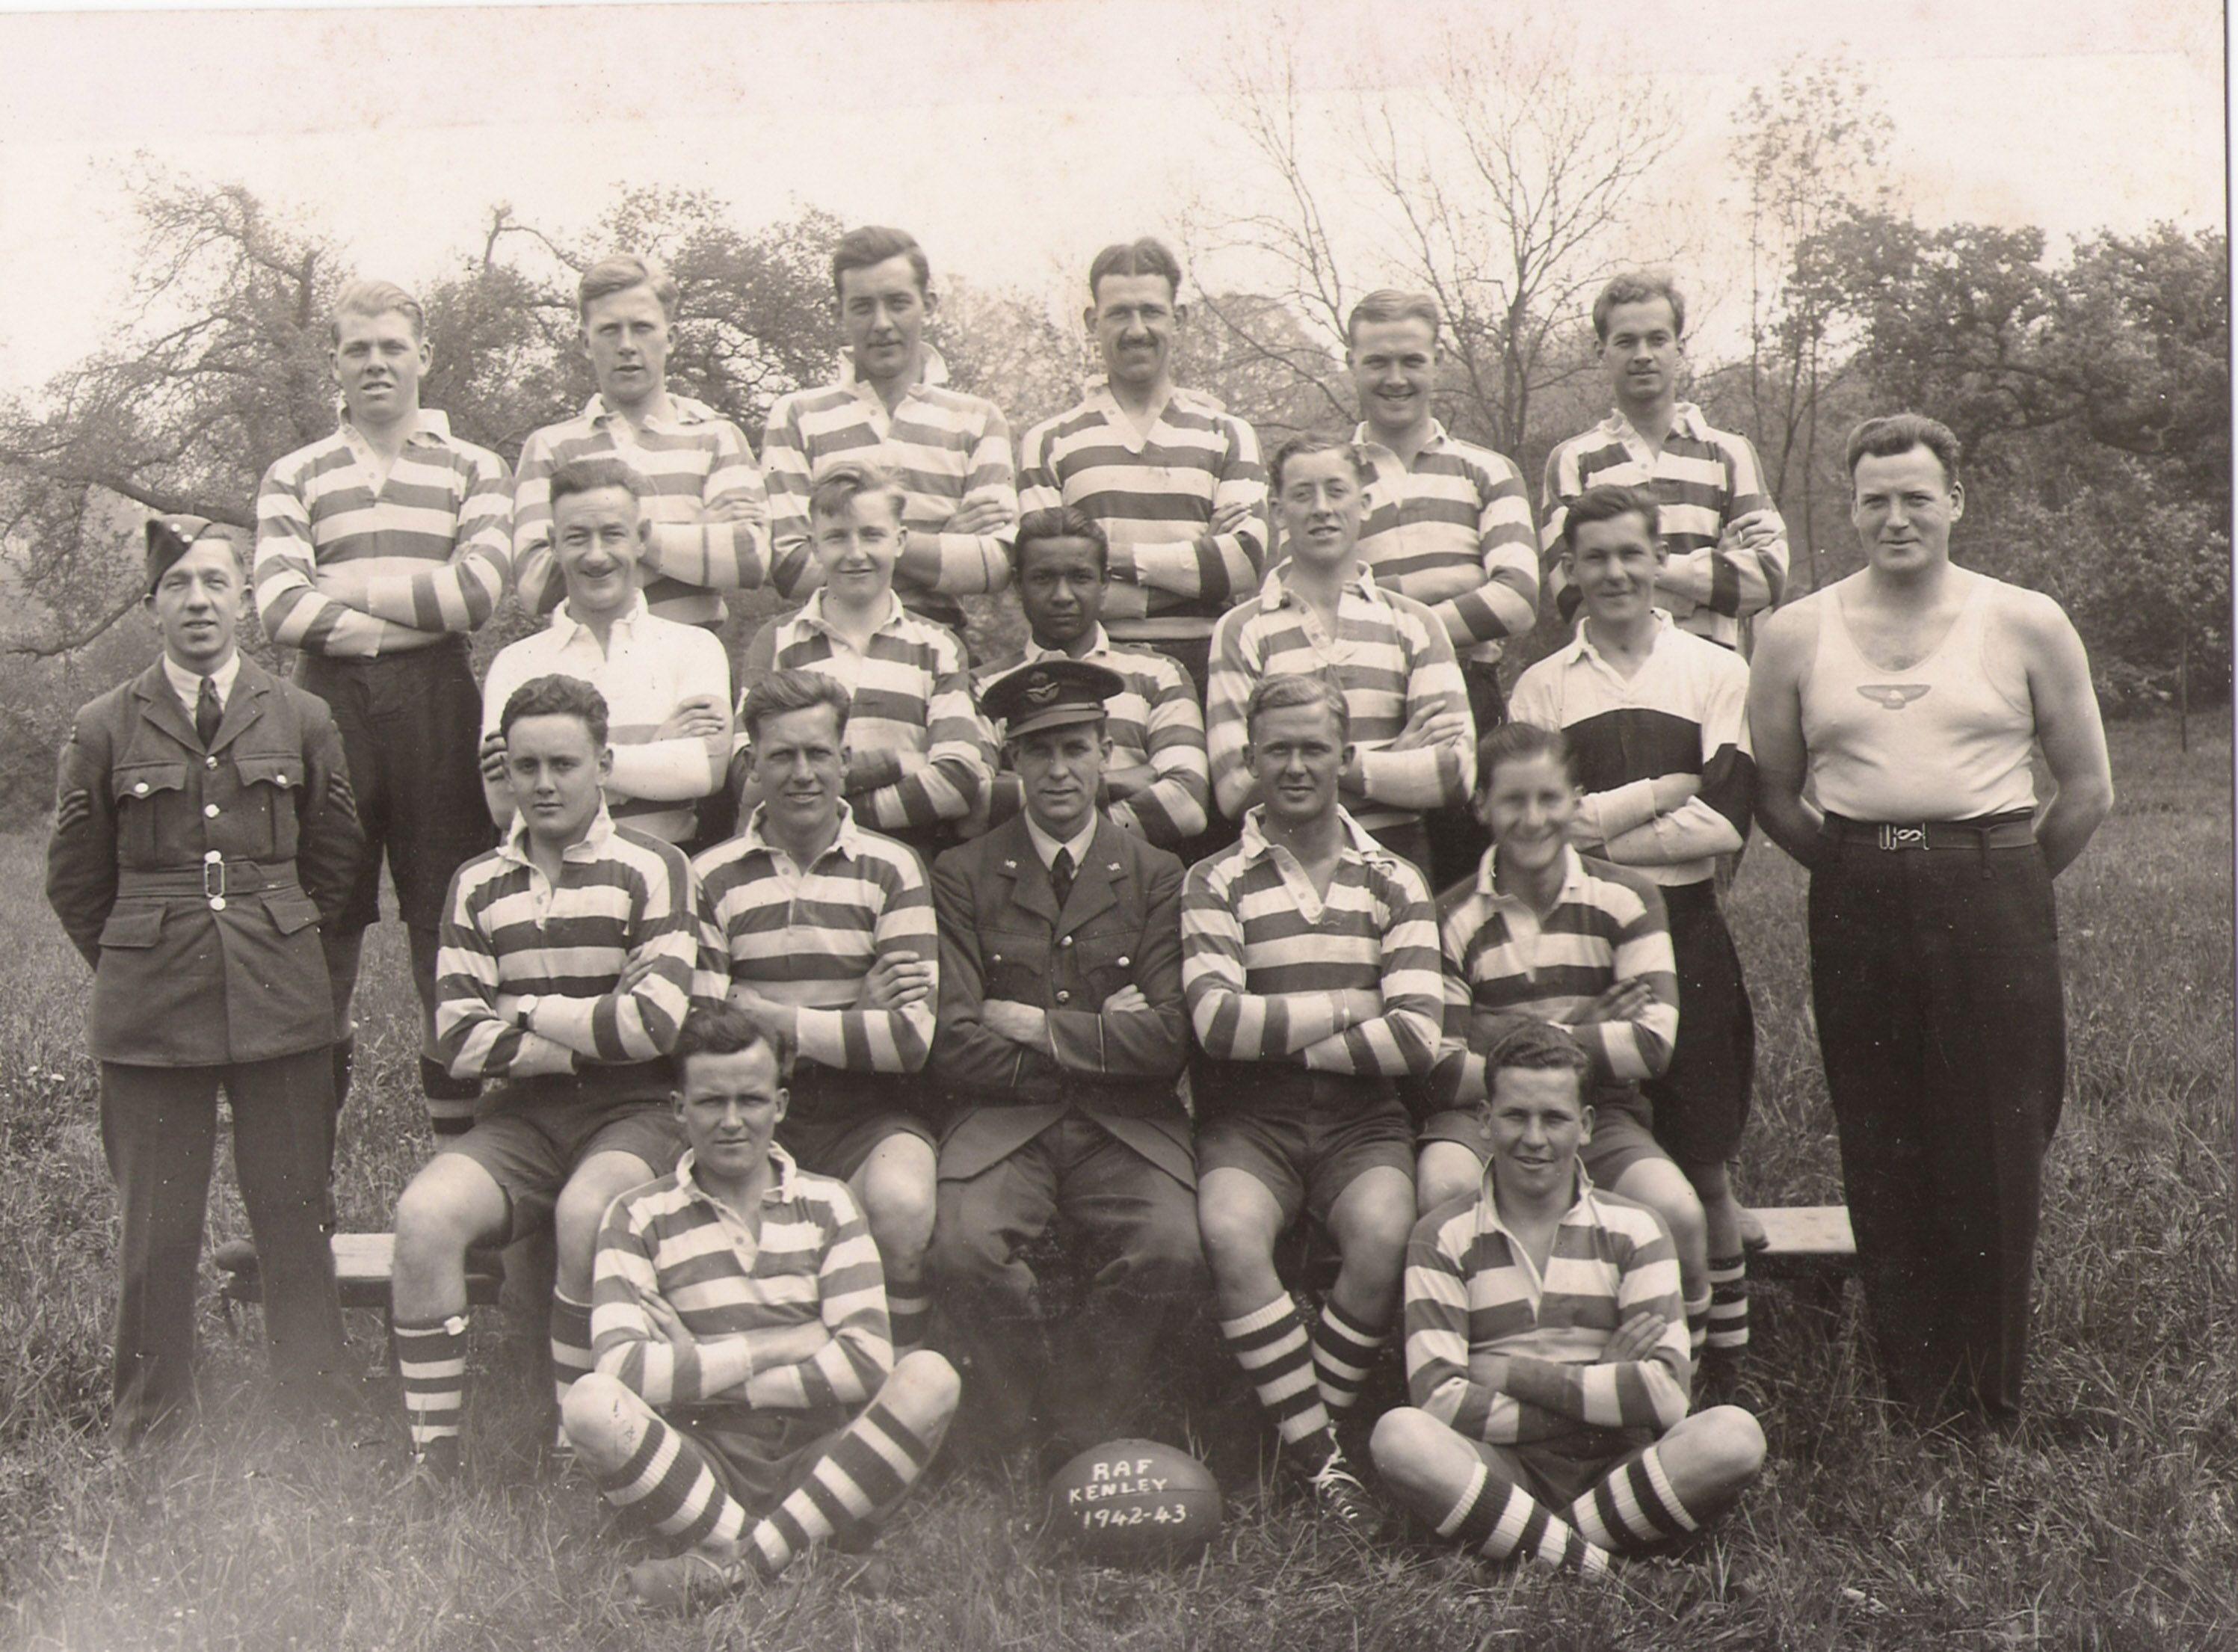 Muchos jugadores de rugby engrosaron las filas aliadas en calidad de voluntarios en la Segunda Guerra Mundial